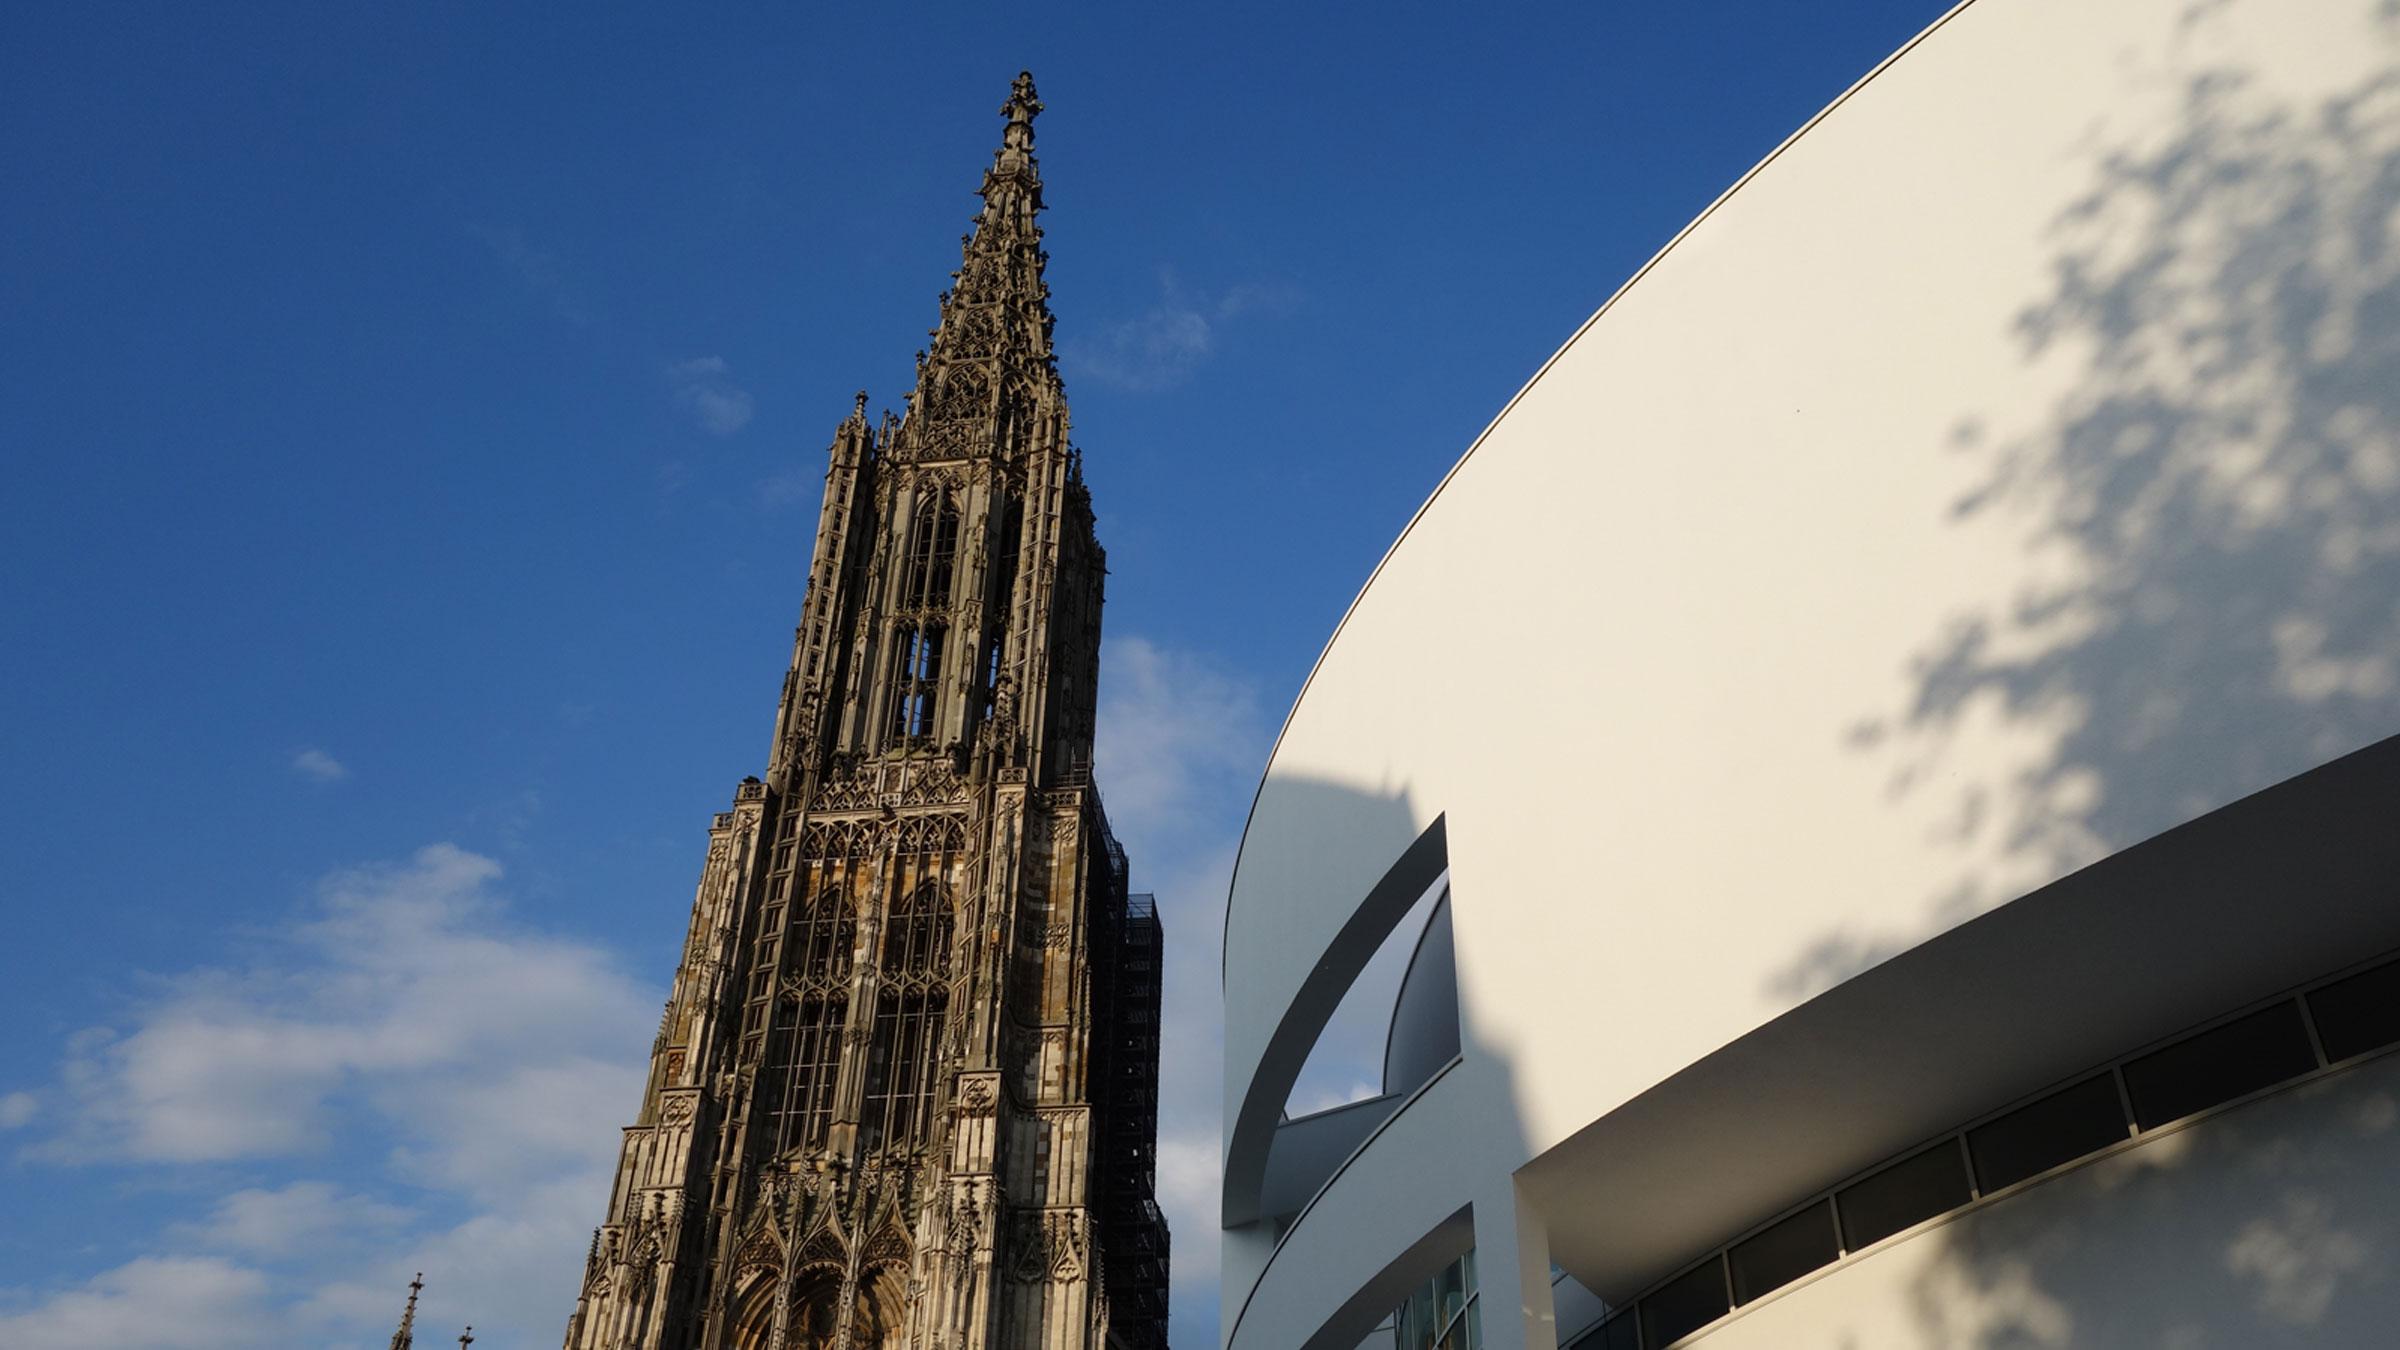 UNT – Tourismuszentrale Ulm Kommunikation